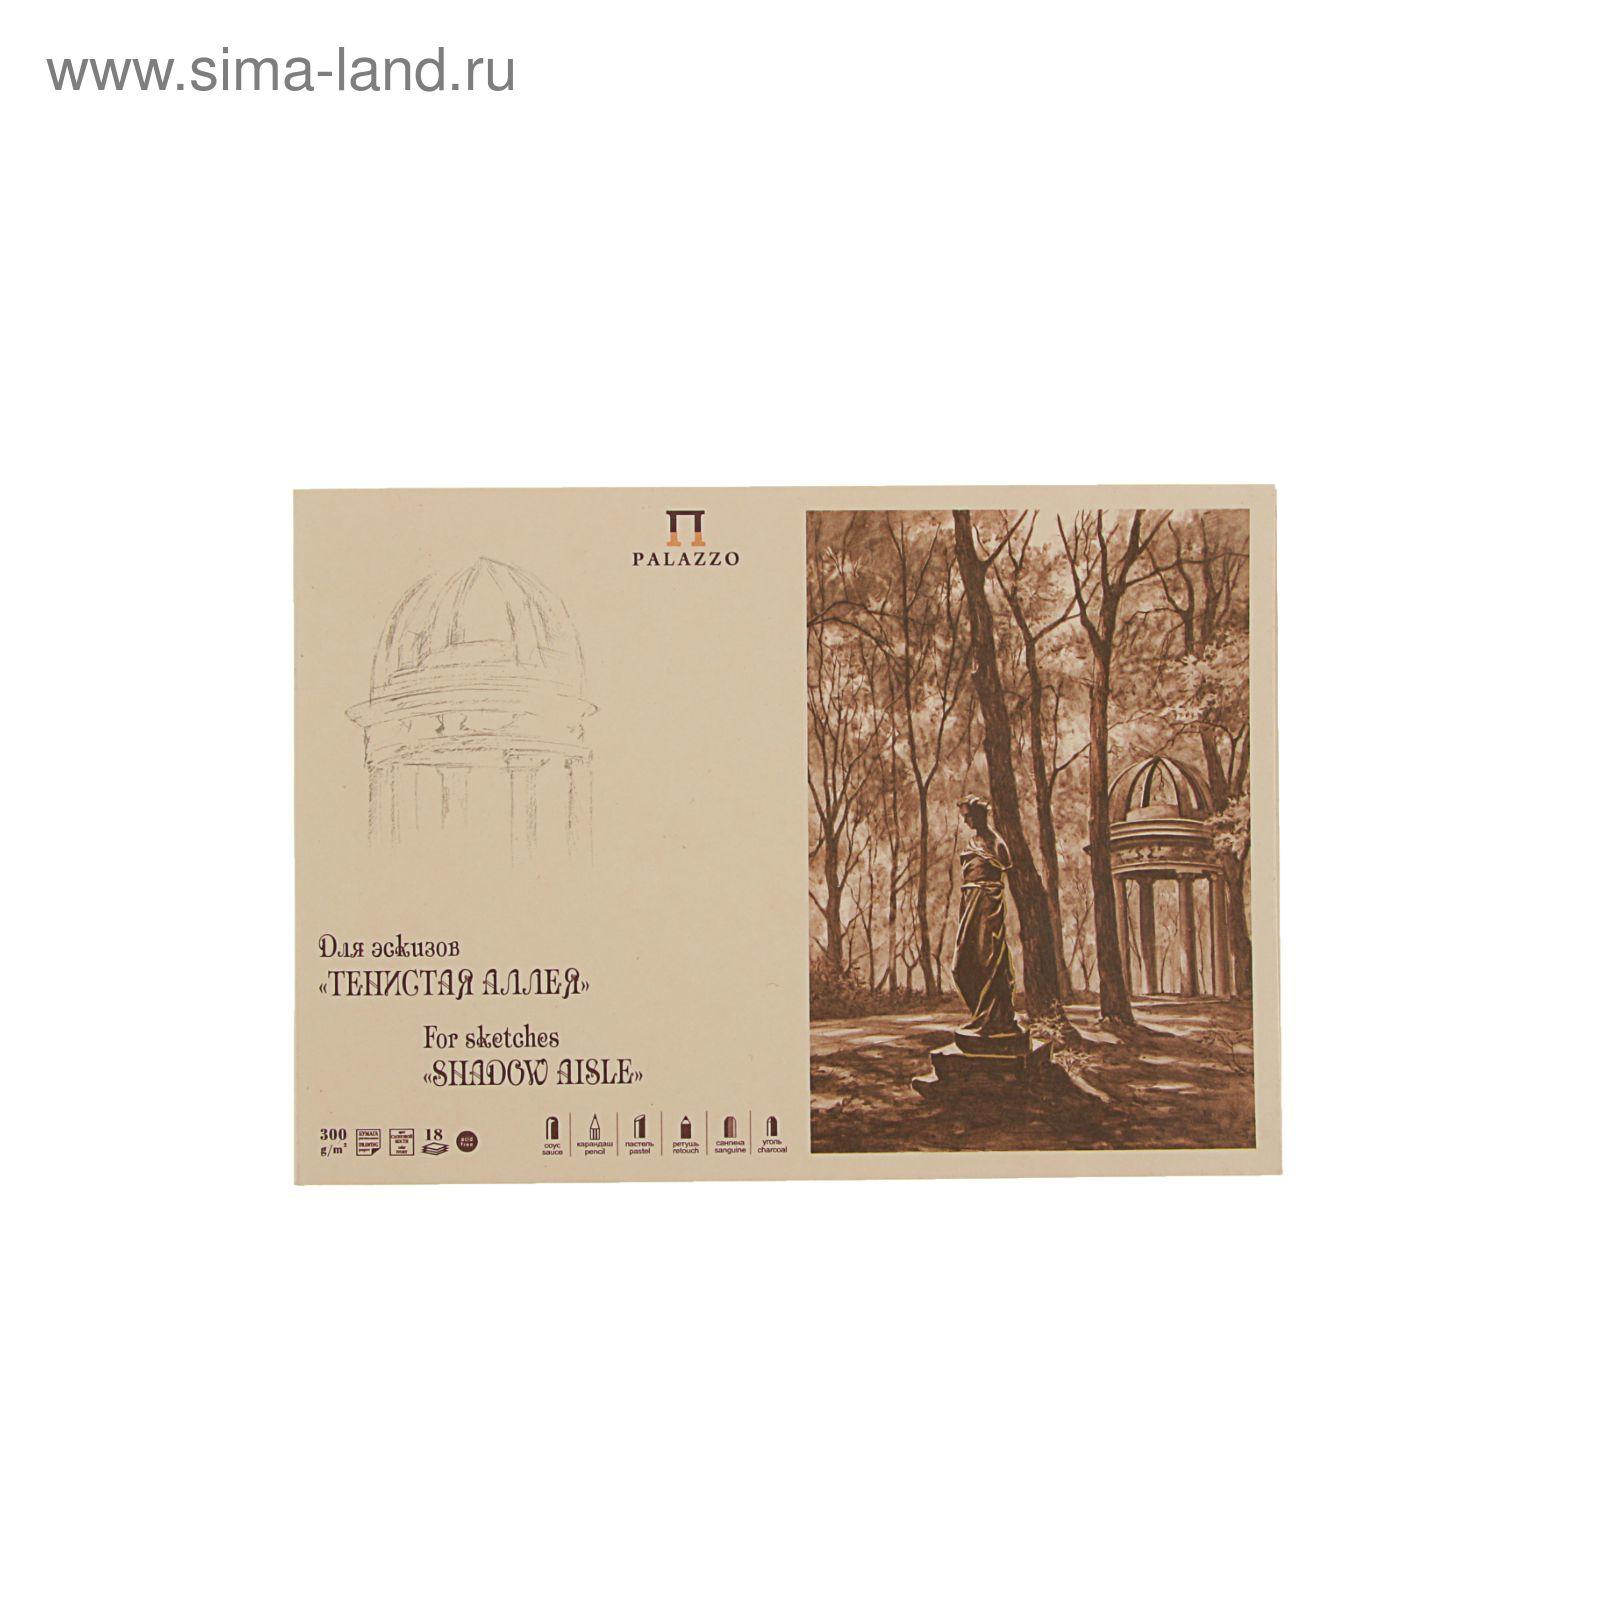 Бумага для эскизов как называется Блокноты и альбомы для набросков Путь к искусству